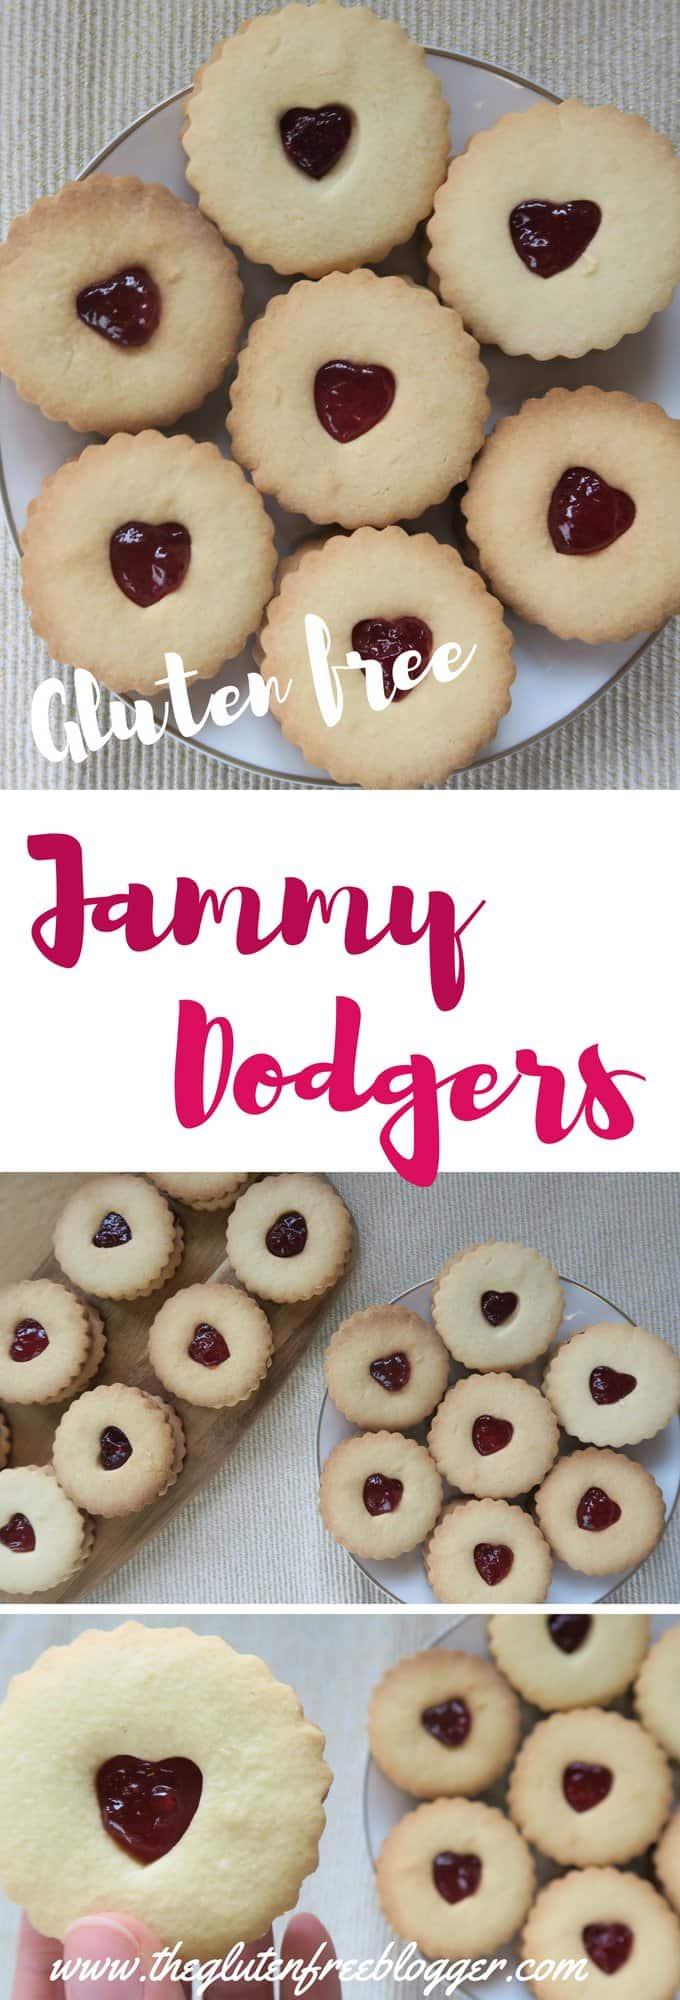 gluten free jammy dodgers - gluten free jammie dodgers - jammy dodgers recipe - jammie dodgers recipe - gluten free biscuits - gbbo - biscuit recipe - www.theglutenfreeblogger.com